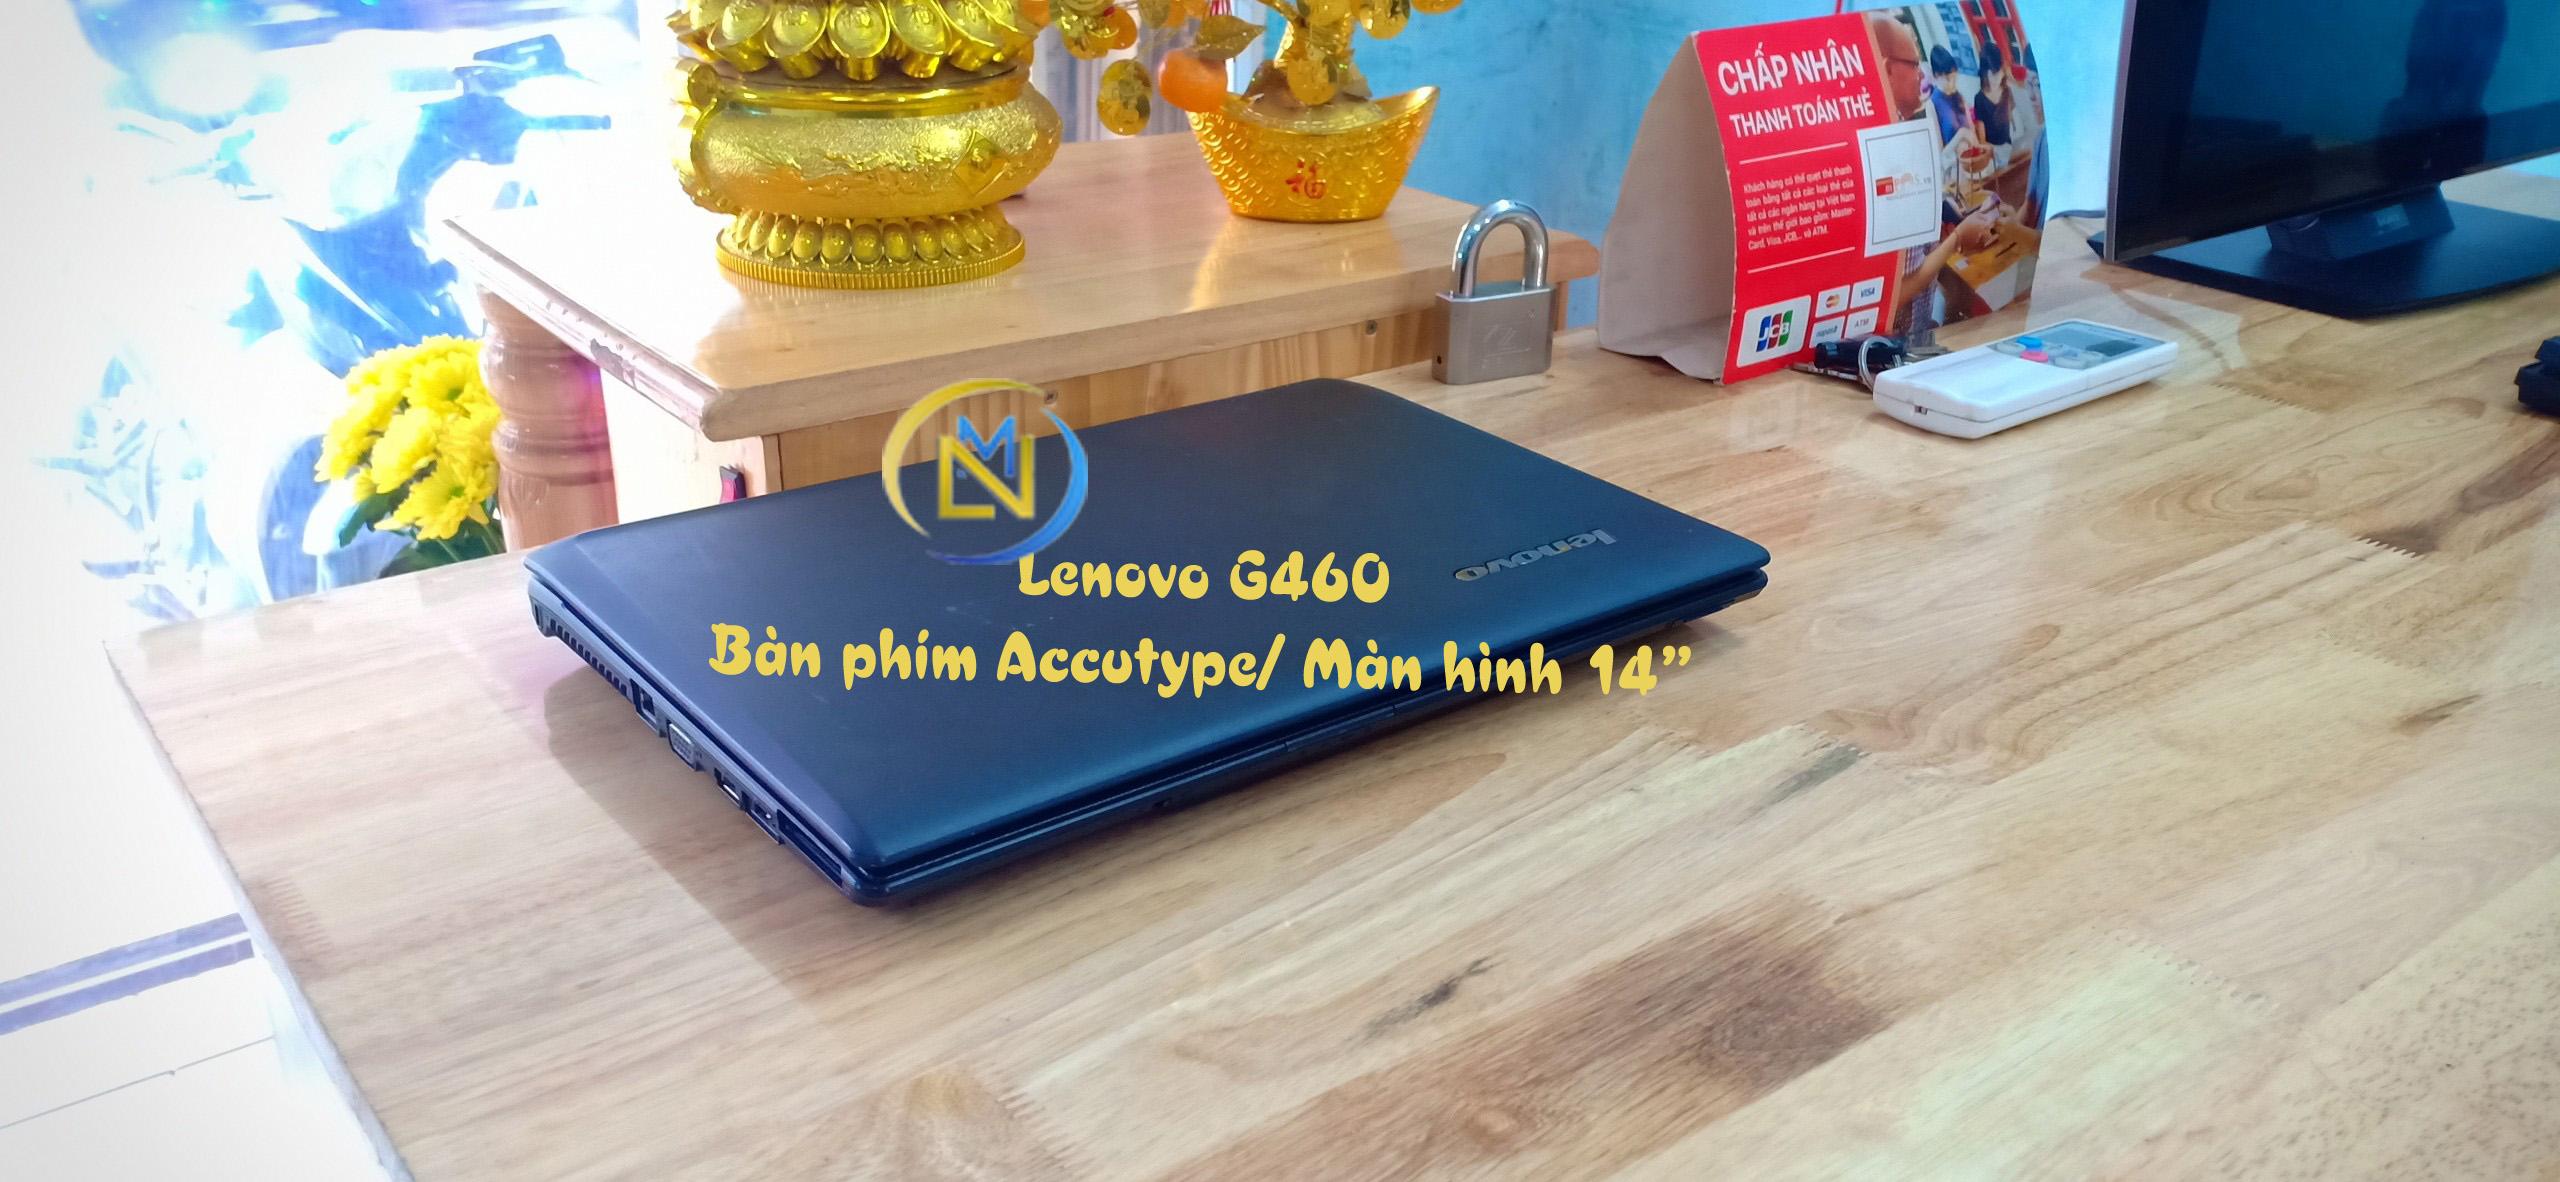 LENOVO G460